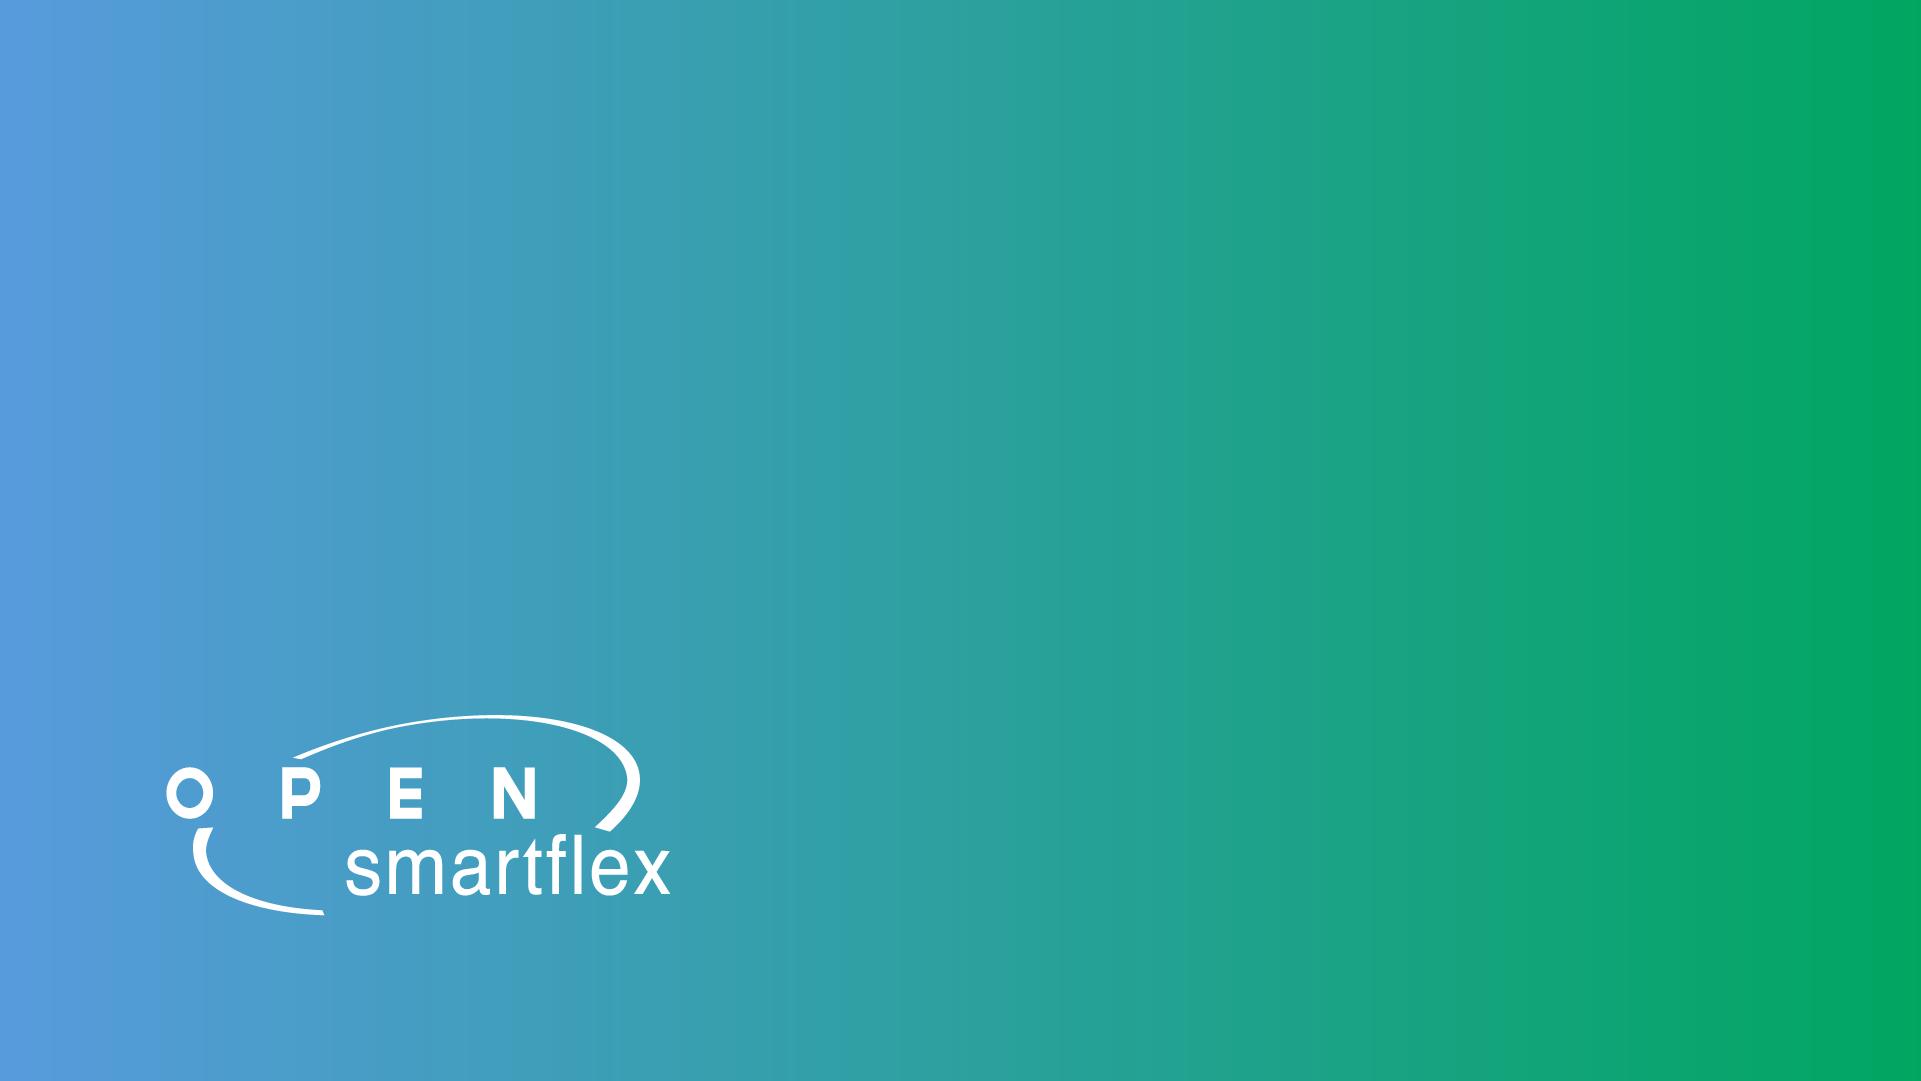 Demo Open Smartflex - Español 2021